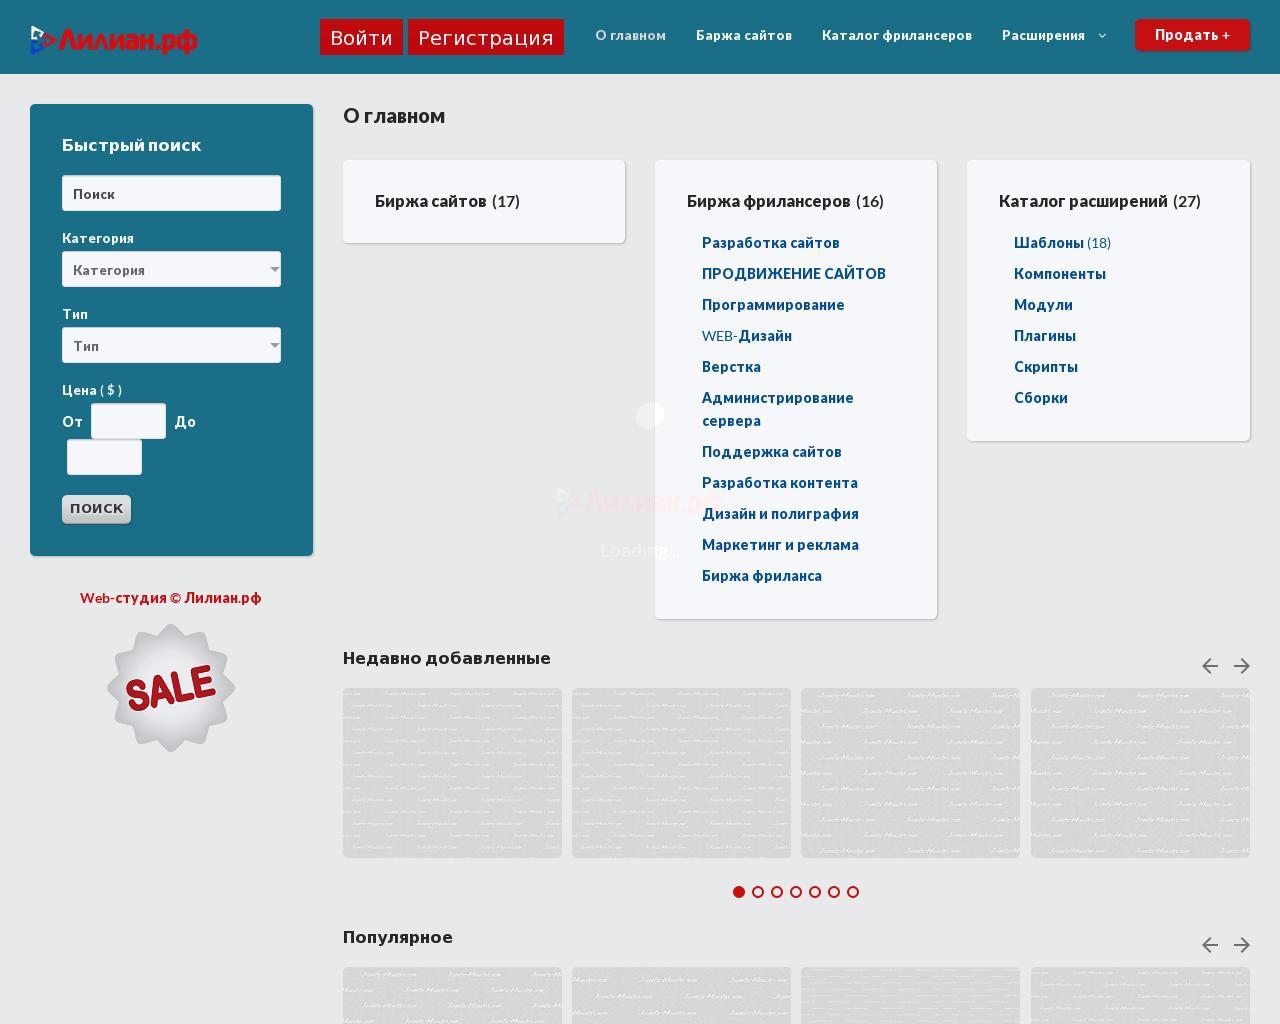 Лучший сайт знакомств без регистрации в россии